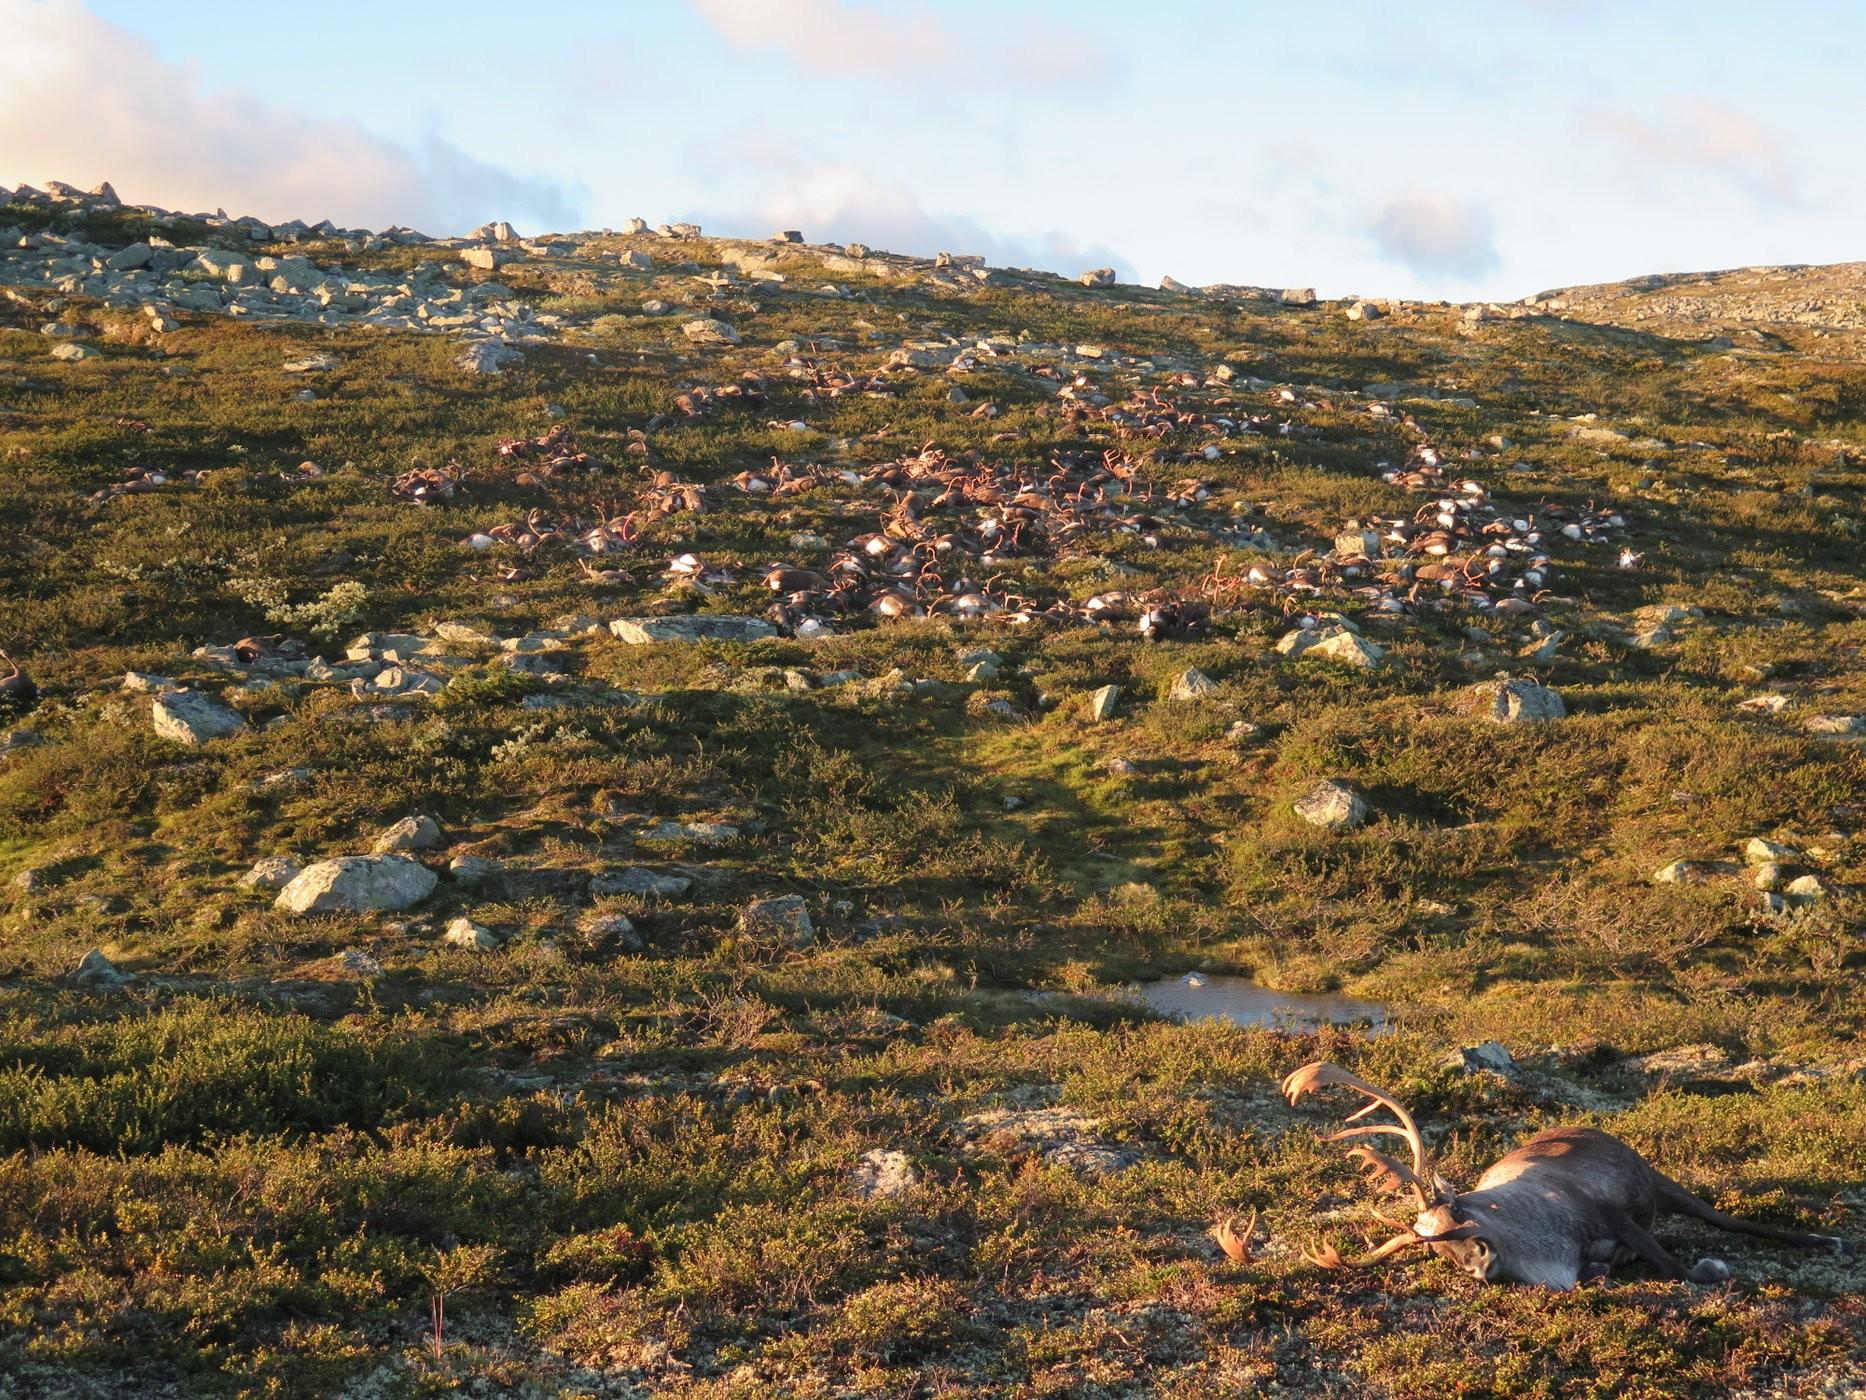 Sementes de amoreira foram deixadas no campo repleto de carcaças por outros bichos (Foto: Havard Kjotvedt/Norwegian Environment Agency)